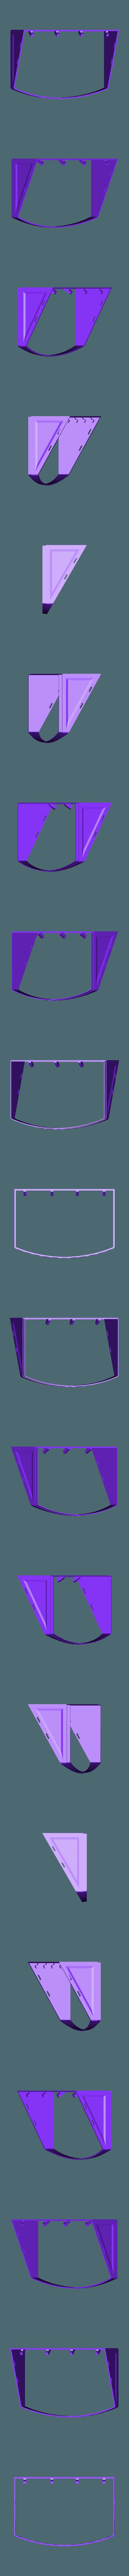 PanierRecyclage - DessusPanier.stl Télécharger fichier STL gratuit Panier recyclage • Objet imprimable en 3D, mrballeure